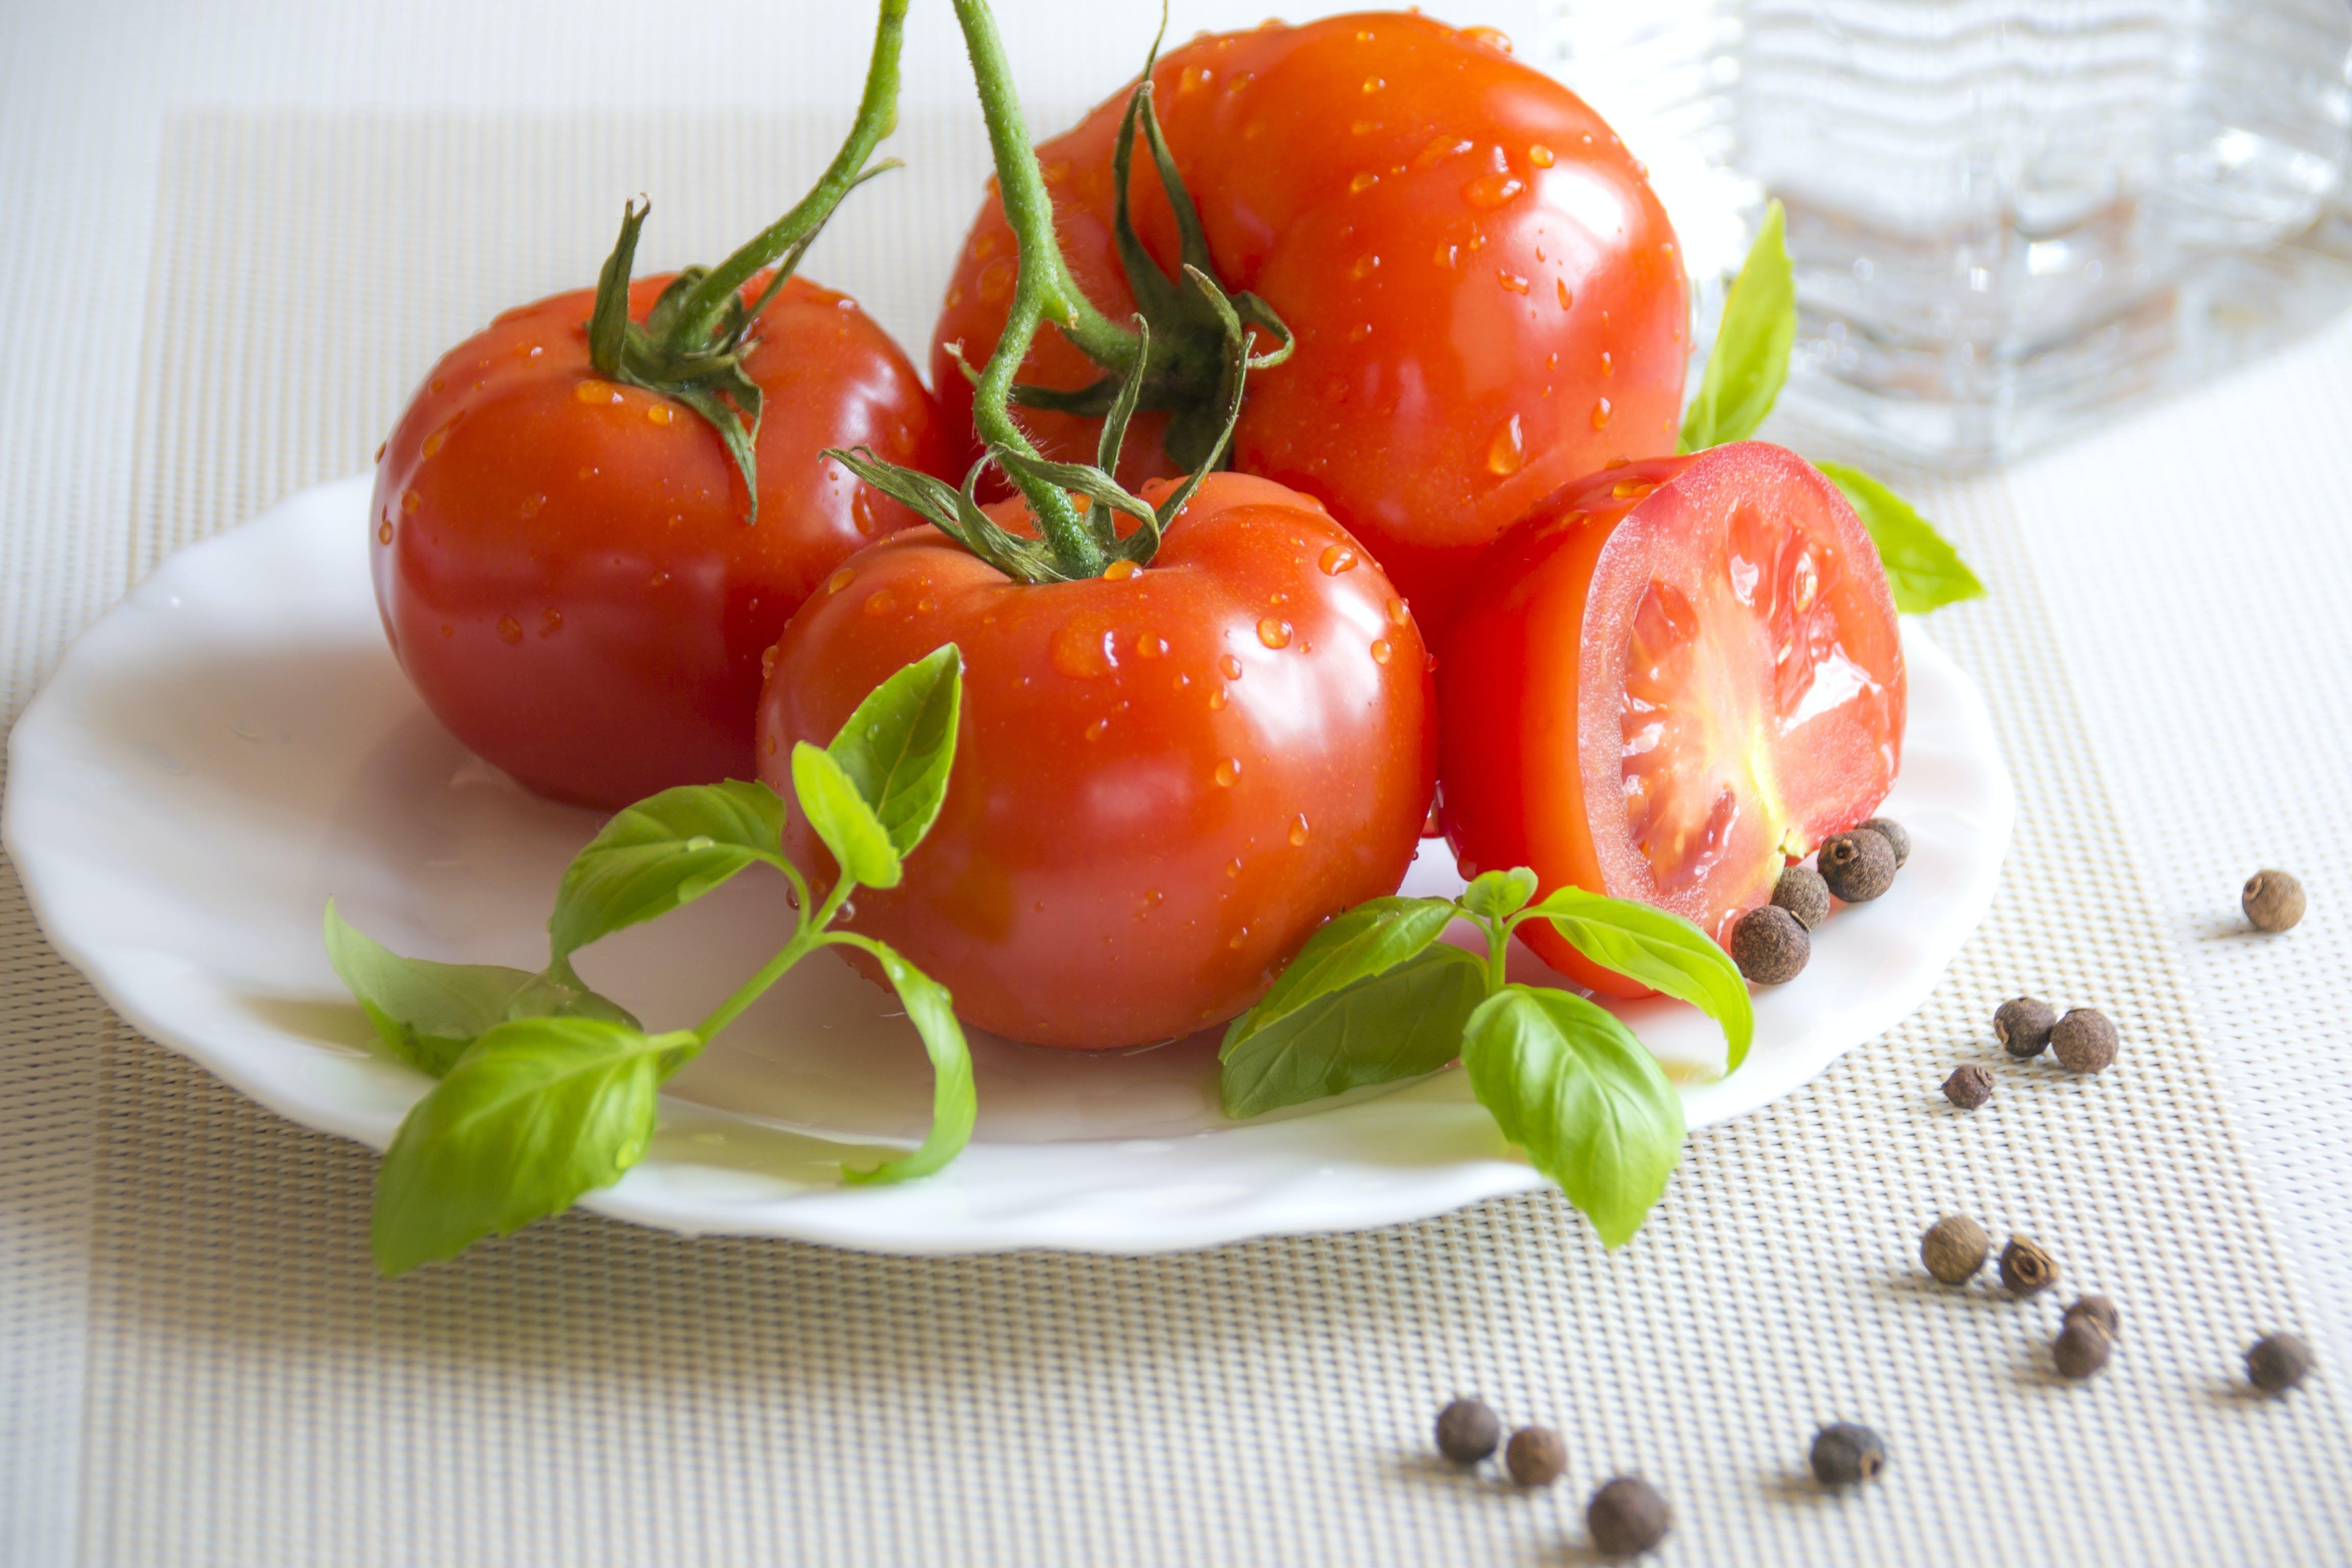 Tomato Top of White Ceramic Plate